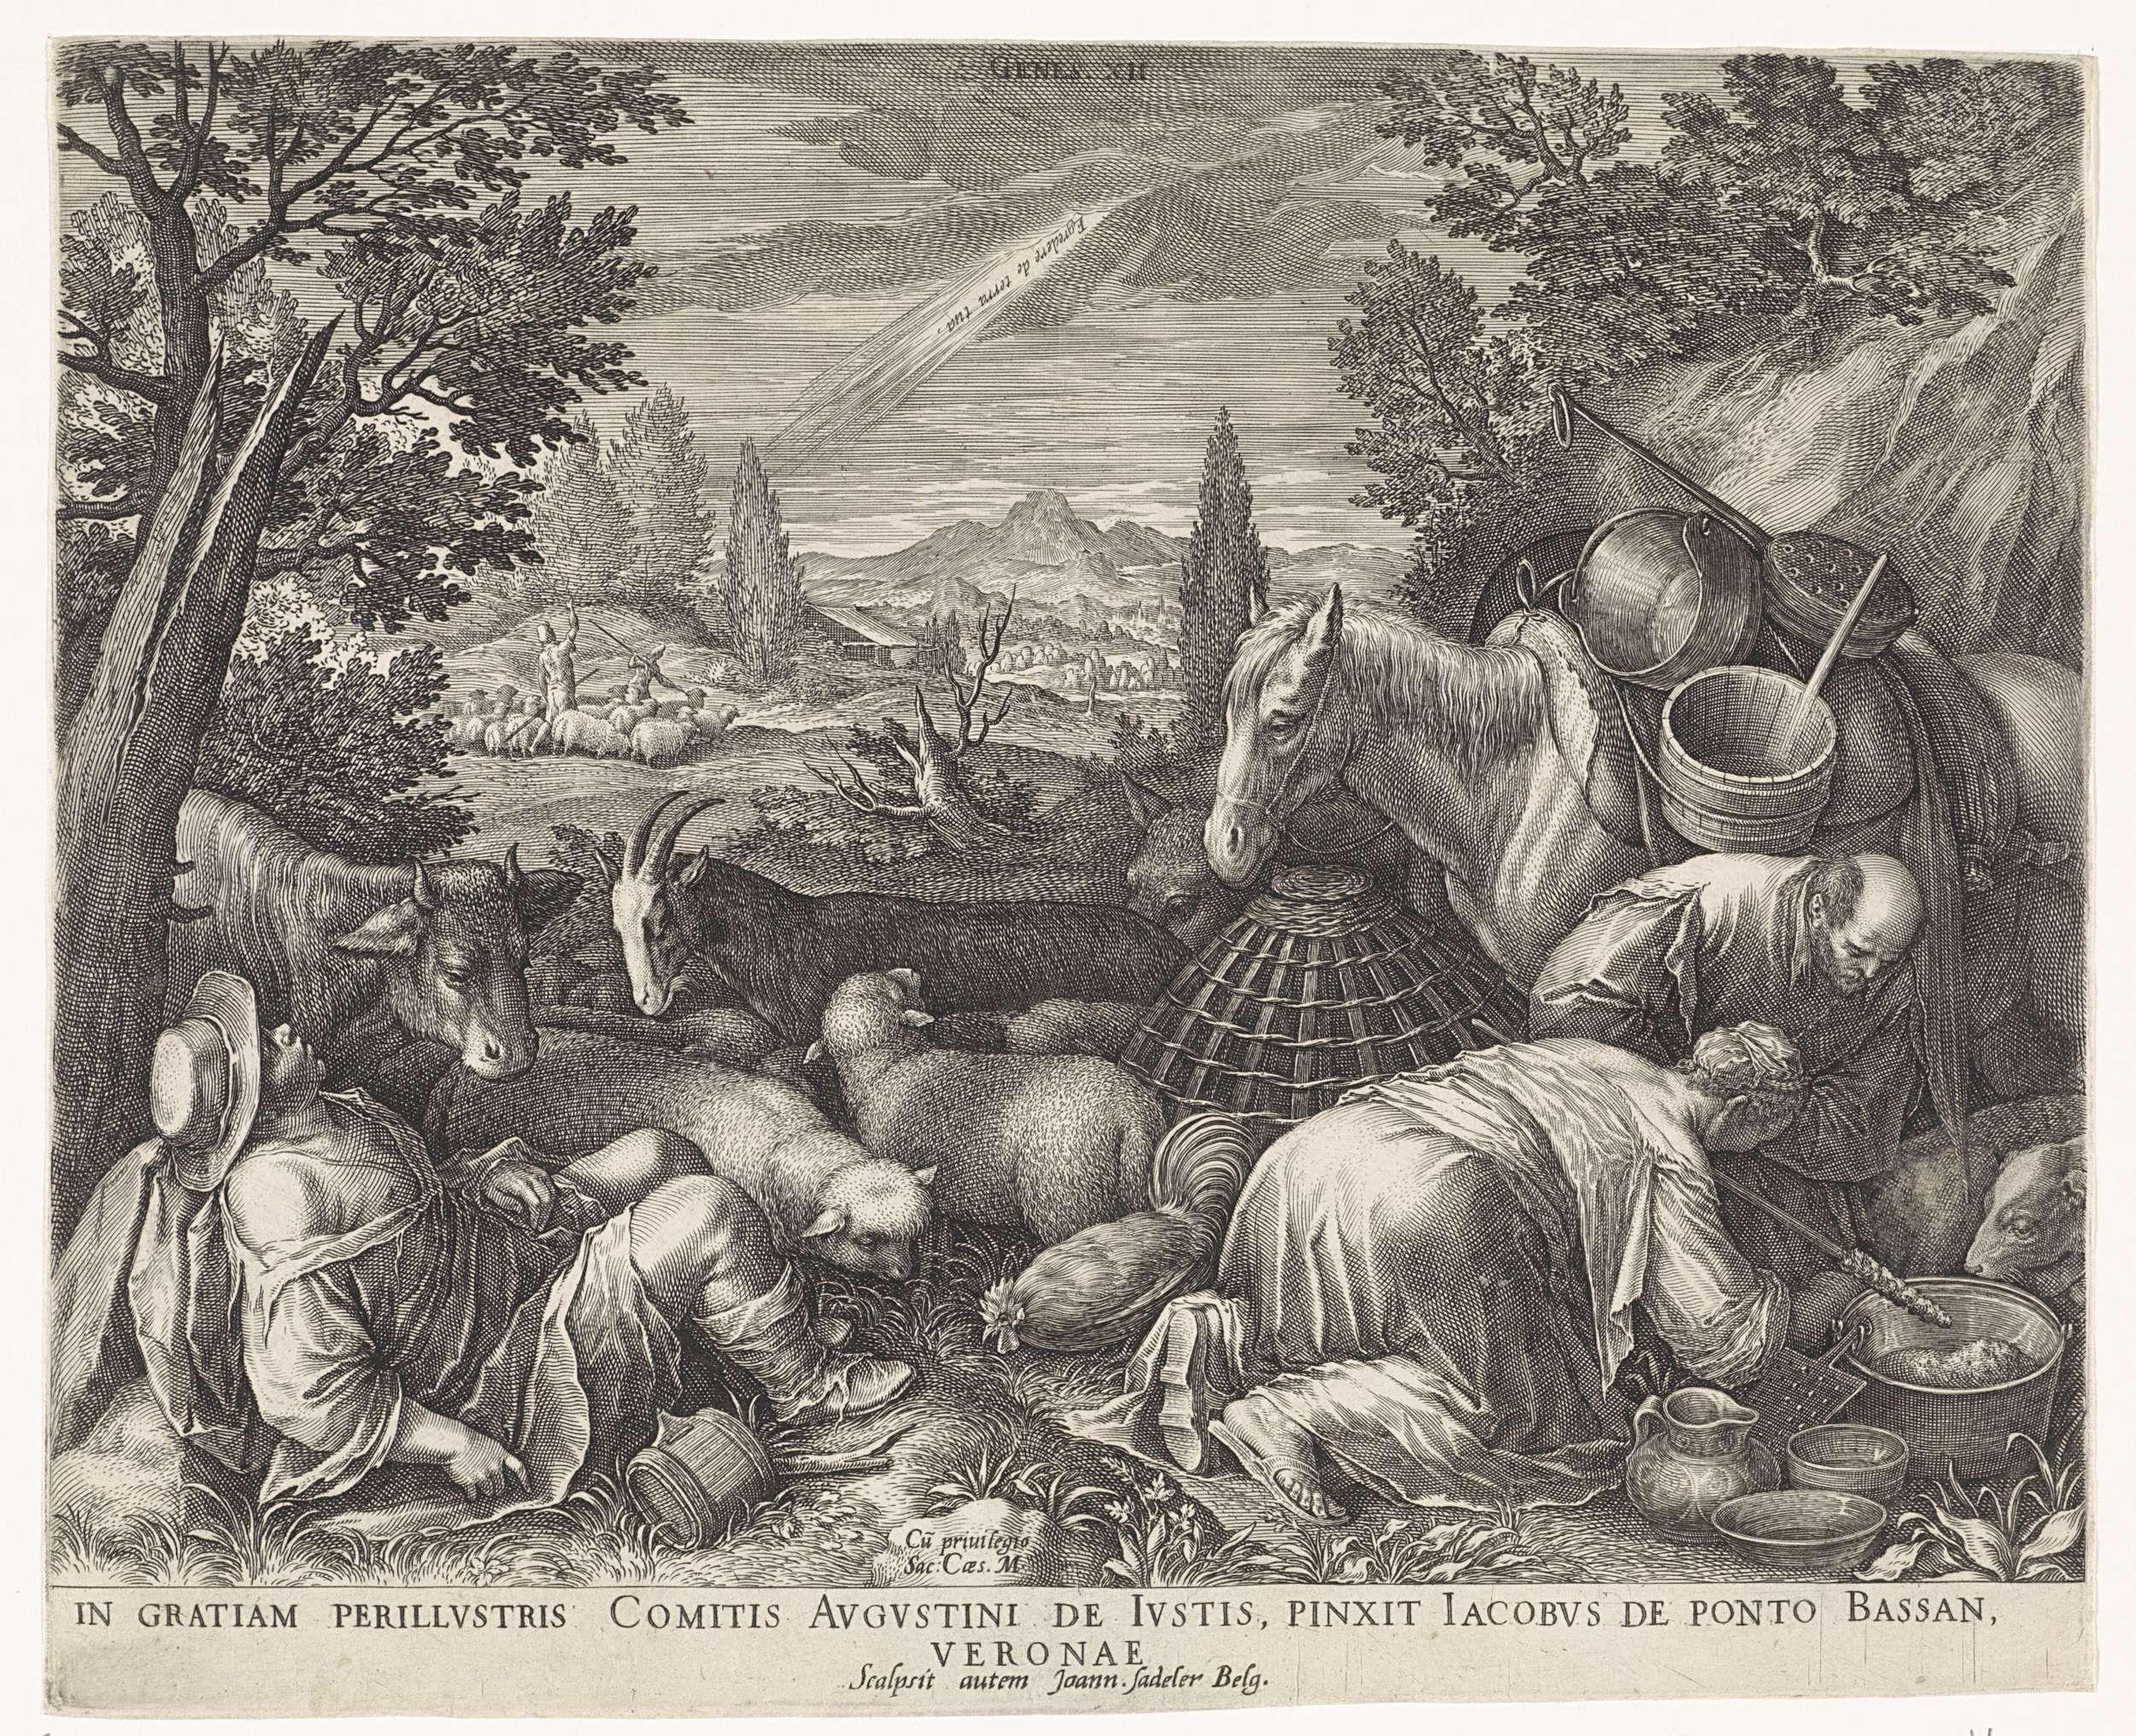 Johann Sadeler (I) | Roeping van Abraham, Johann Sadeler (I), Keizerlijk hof, 1587 - 1600 | Abraham ligt tegen een kale boom te slapen. Uit de hemel komt een lichtstraal en de stem van God. Op de voorgrond rechts Sara en Lot bij een paard.